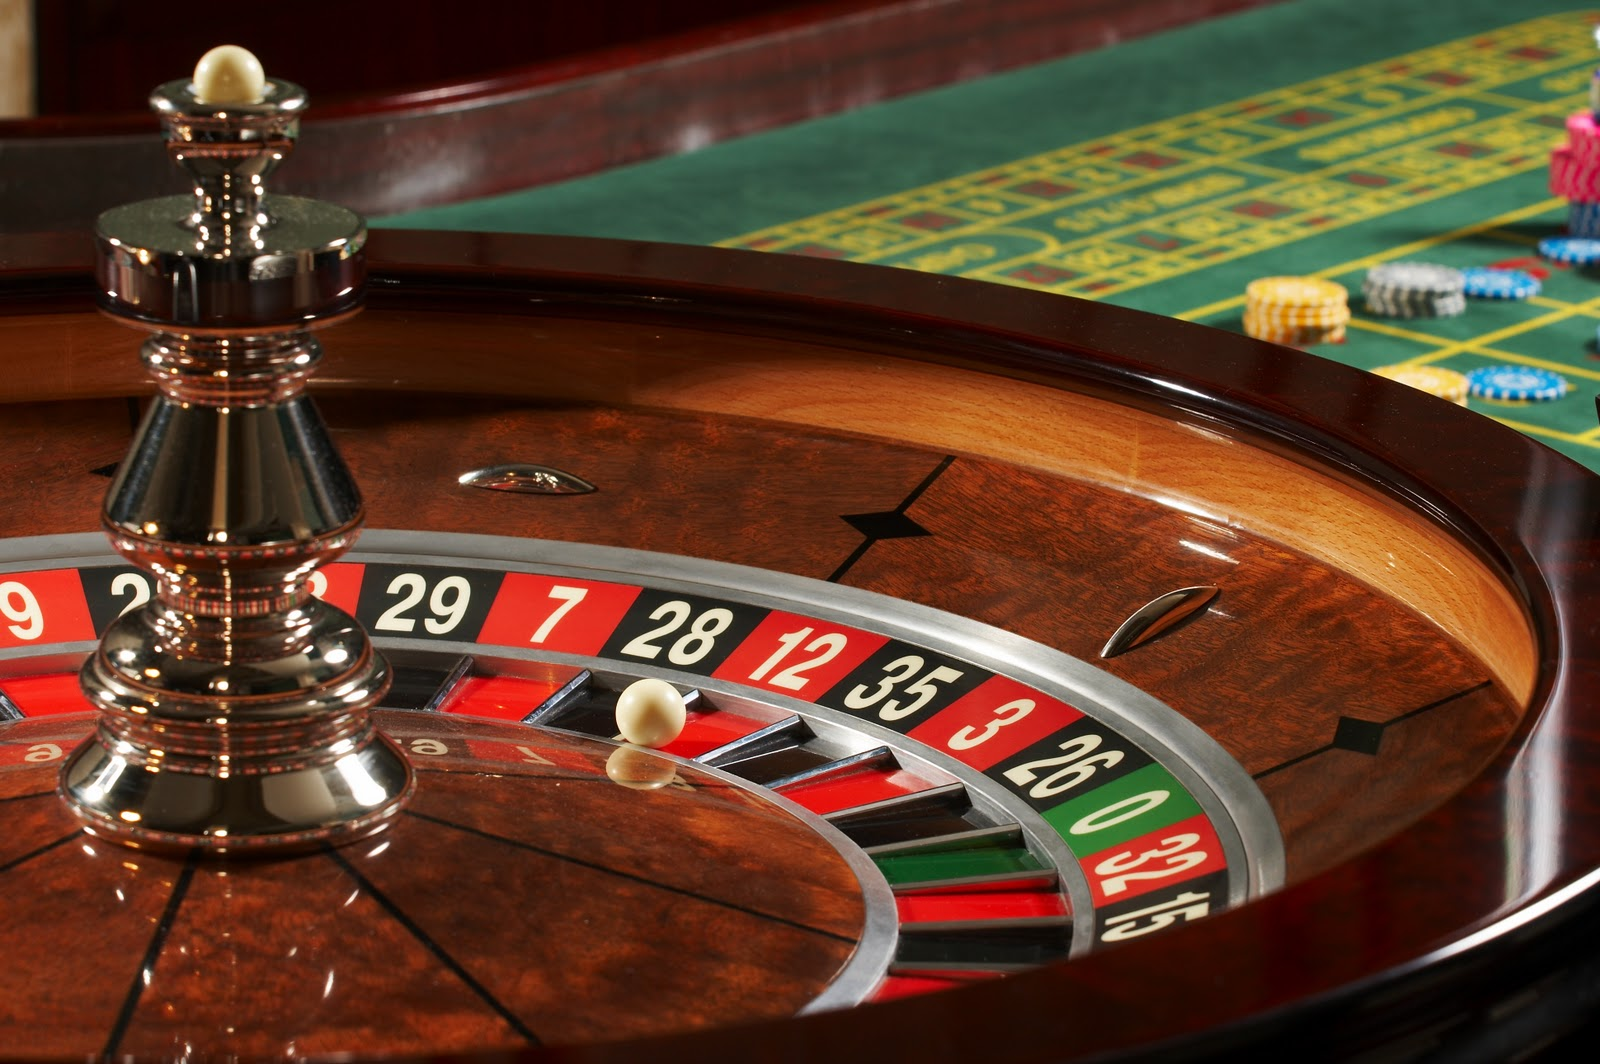 Casino en ligne : Comment est-ce que j'ai commencé à jouer au casino en ligne ?